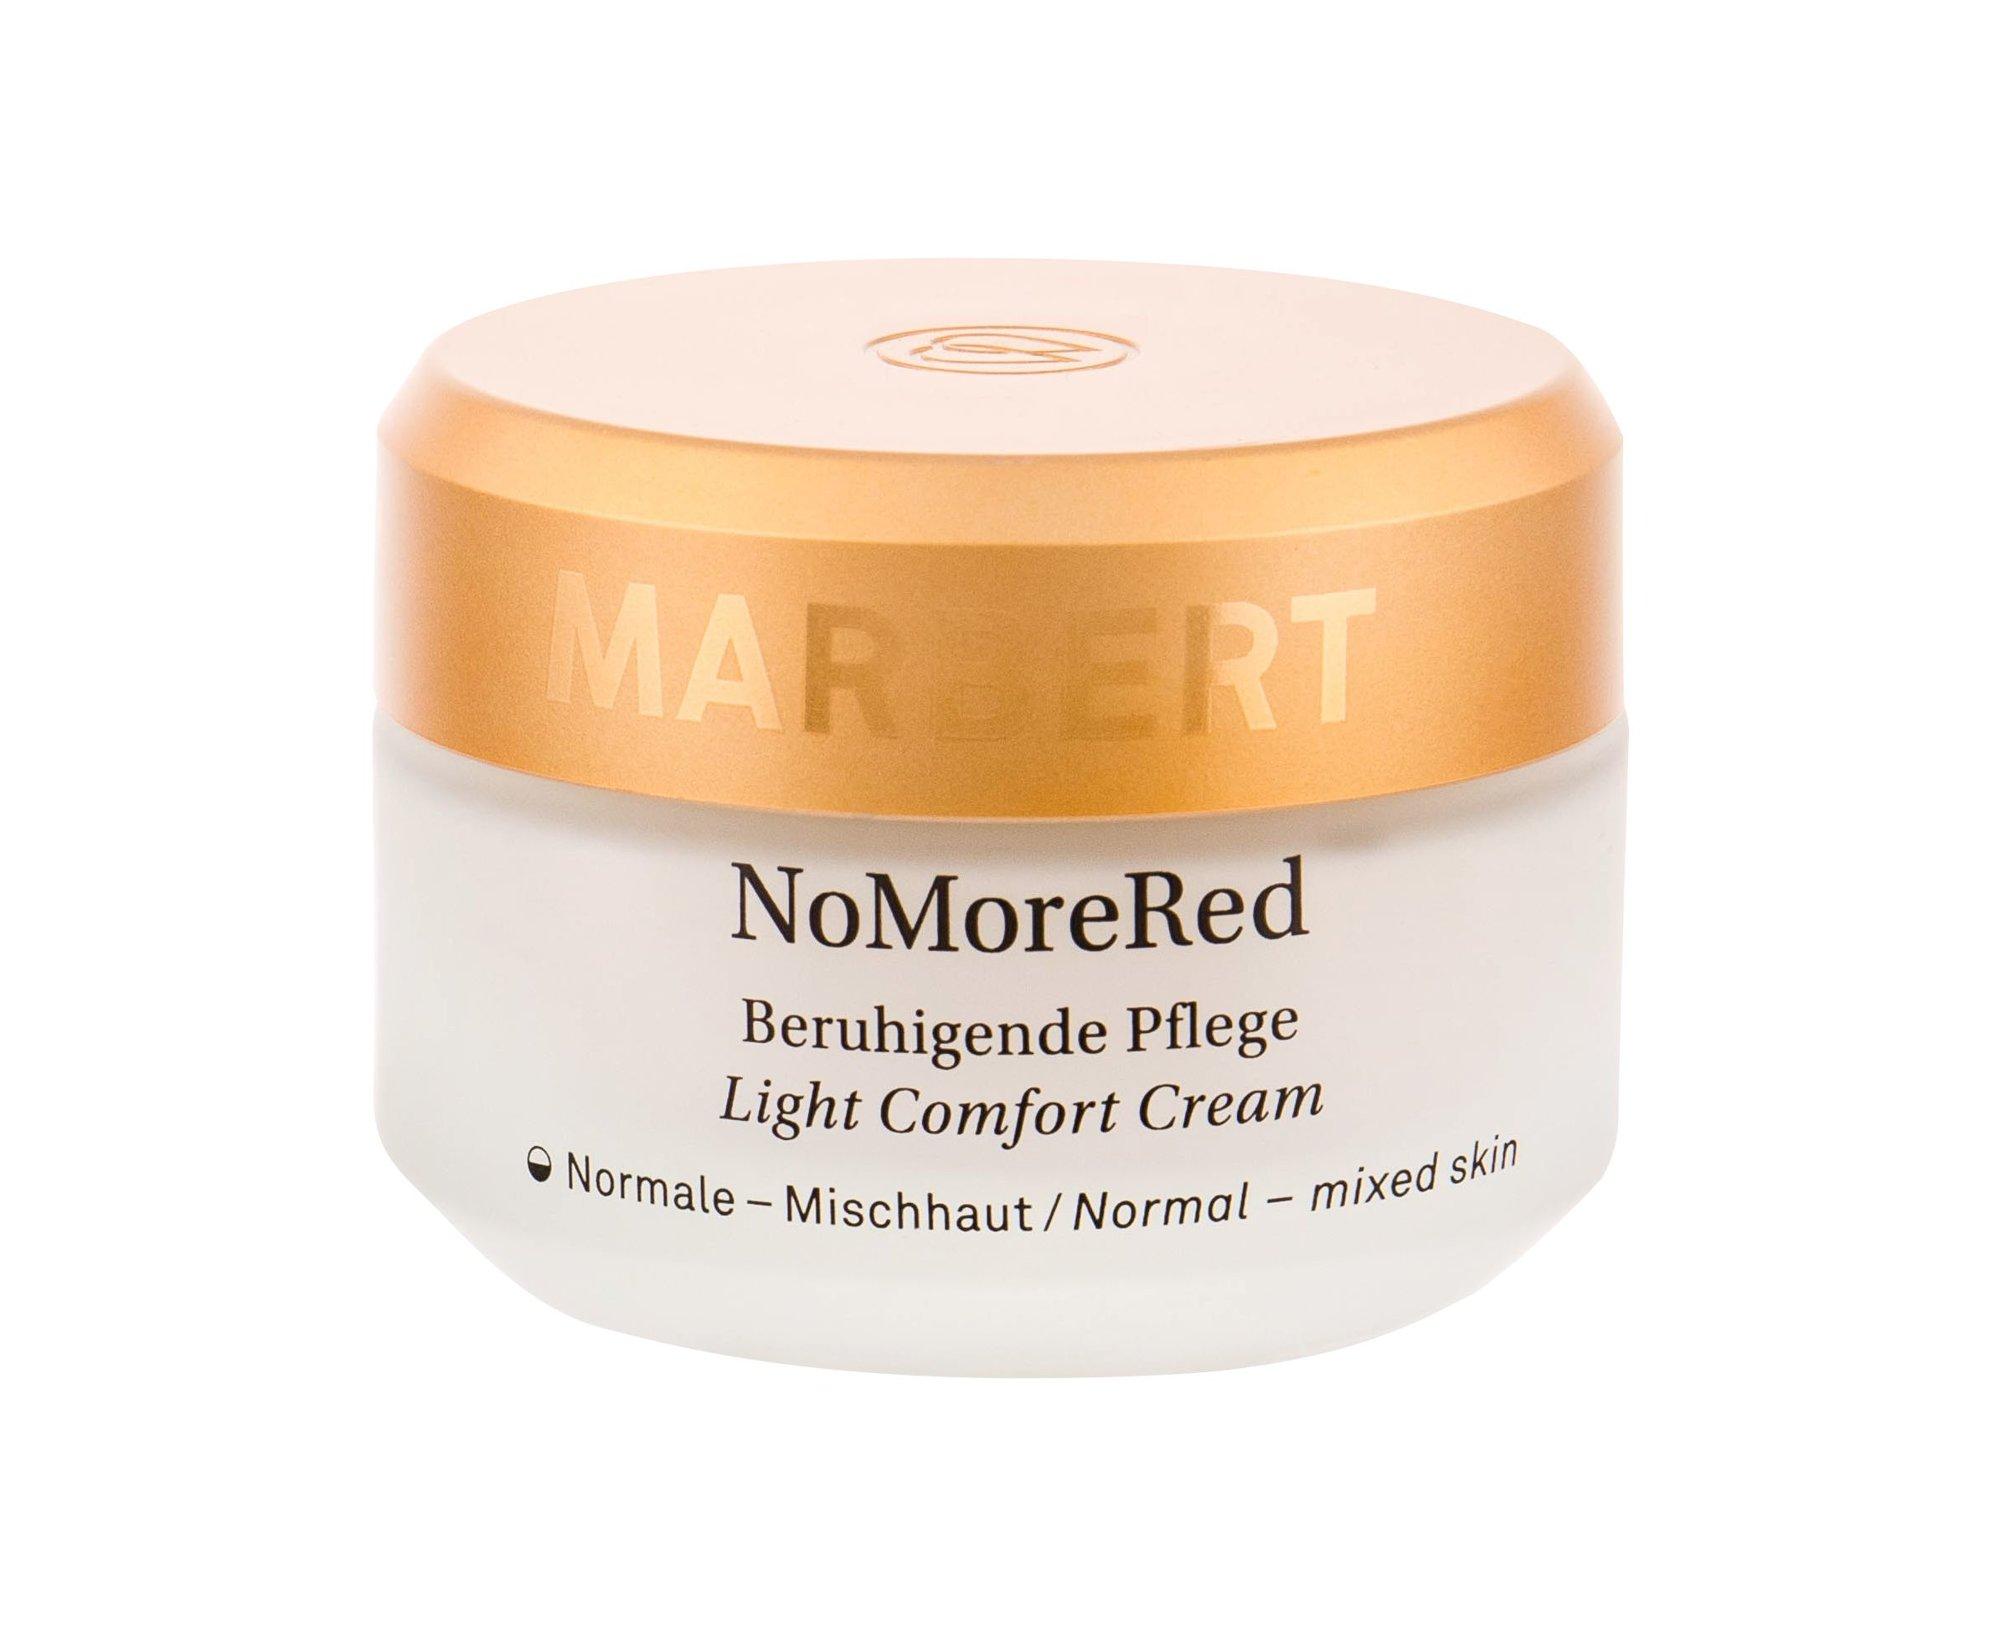 Marbert Anti-Redness Care Day Cream 50ml